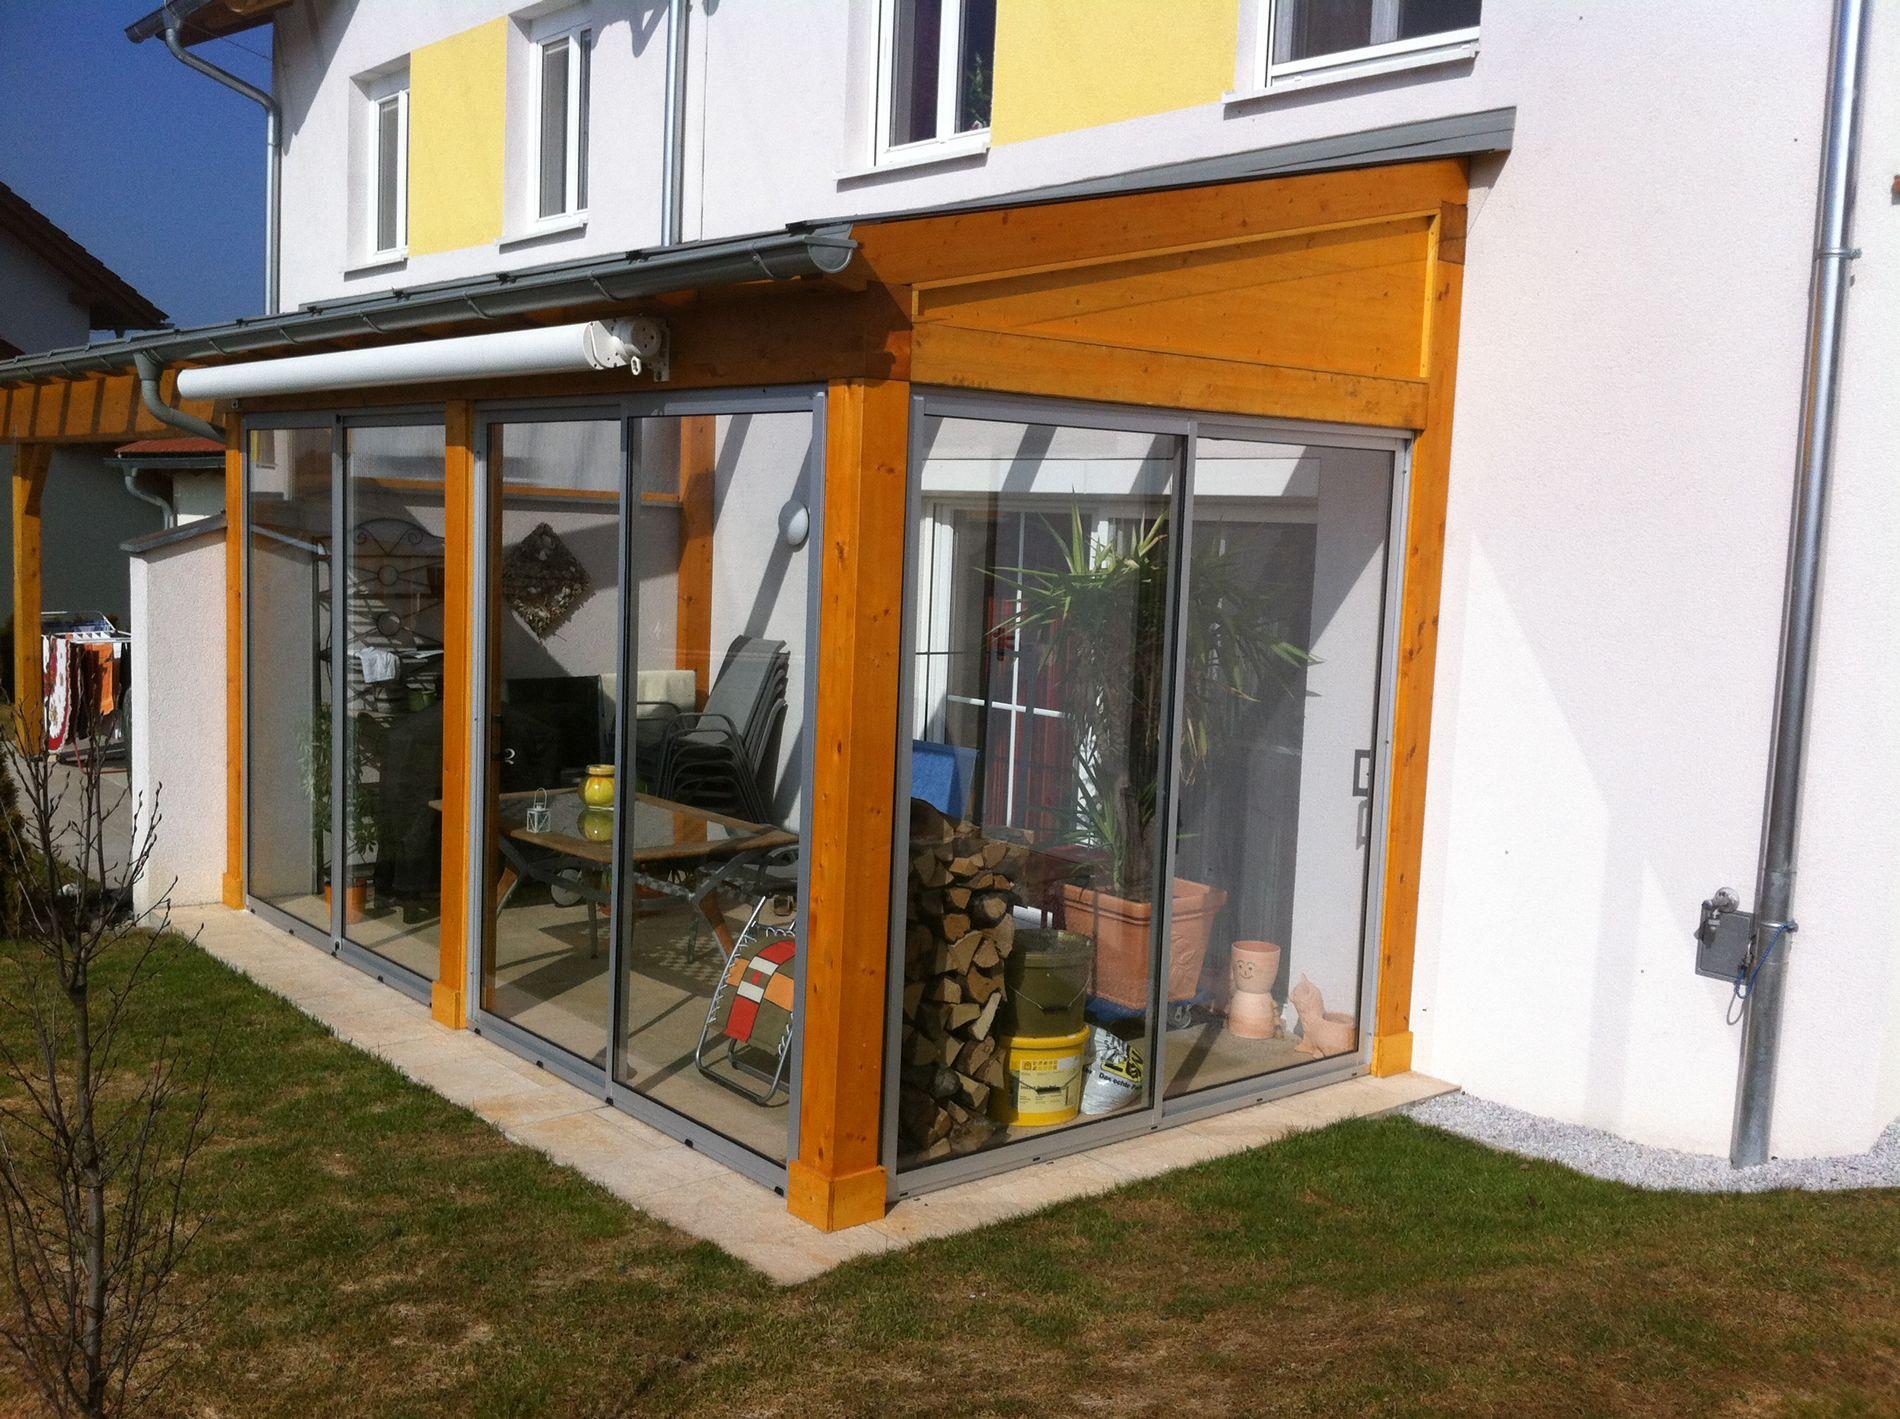 Holz Aluminium Wintergarten Mit Schiebeturen Wintergarten Schmidinger Wintergarten Holz Wintergarten Uberdachung Terrasse